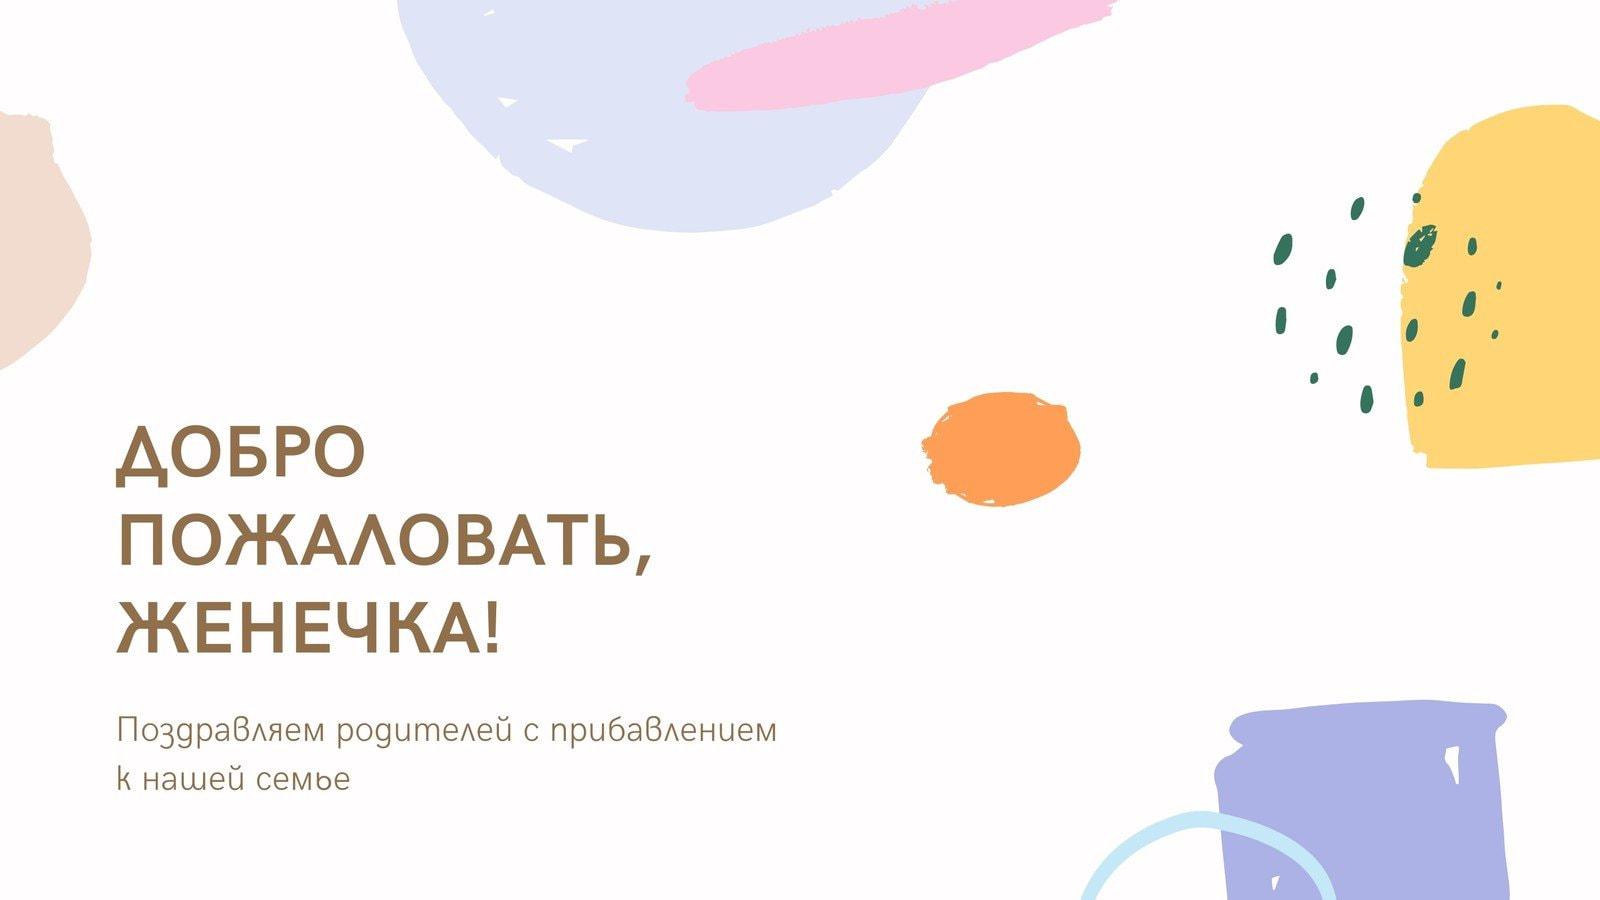 Фиолетовая Желтая и Синяя Органические Формы Поздравления Мероприятия и Особый Интерес Презентация